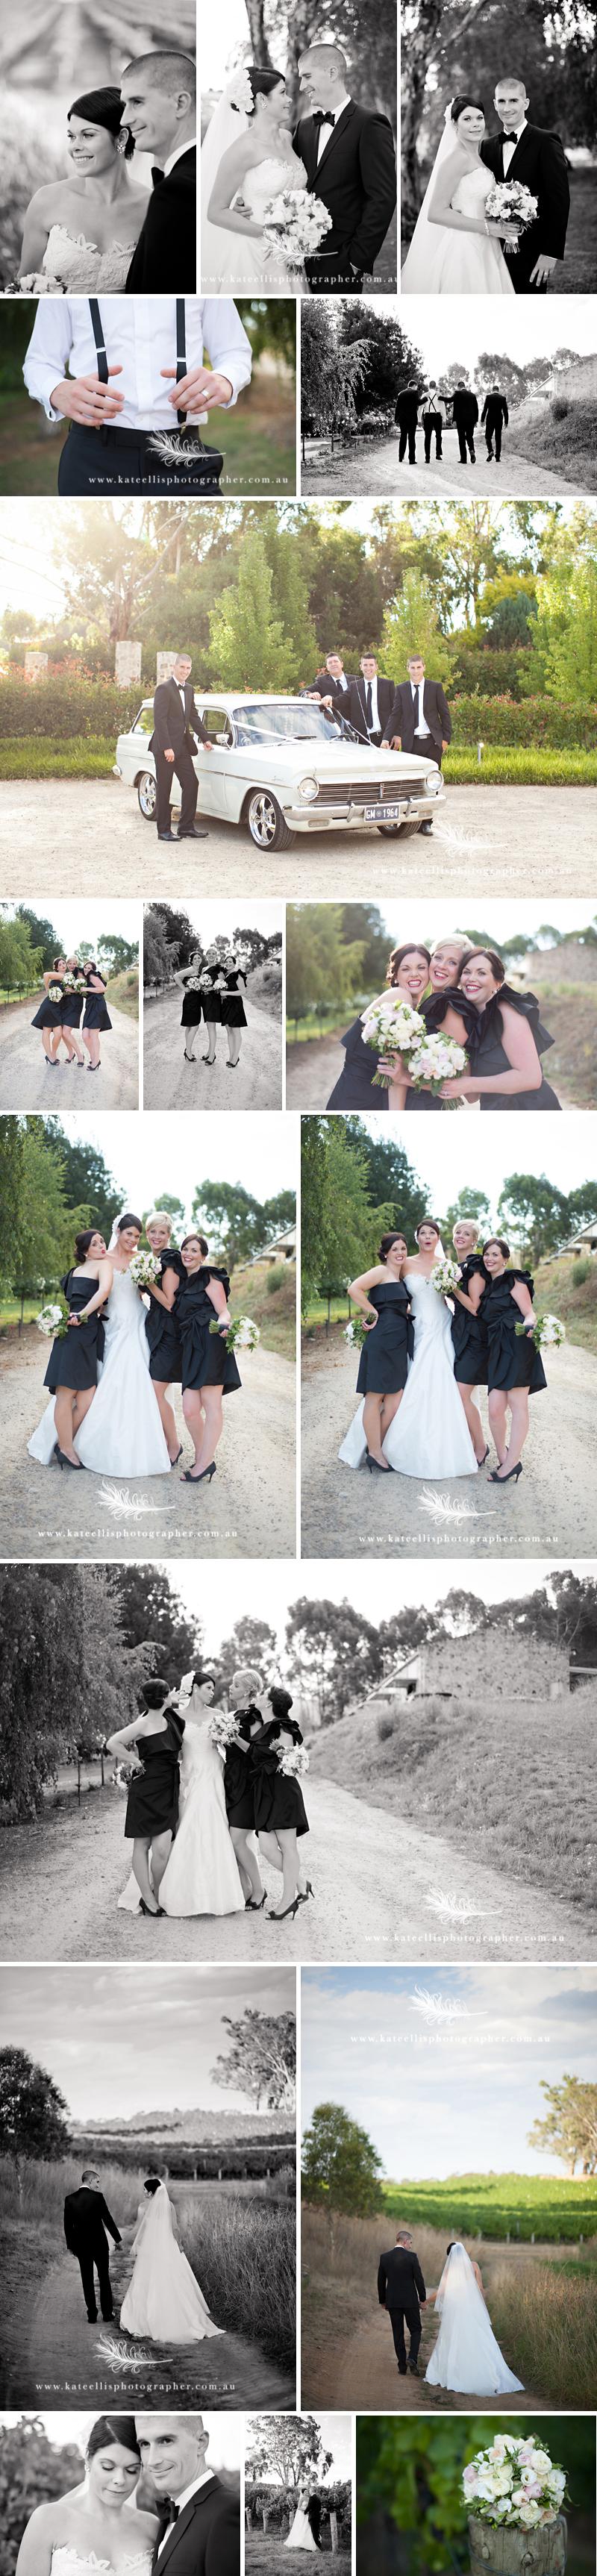 7 adelaide wedding photography adelaide hills wedding hahndorf